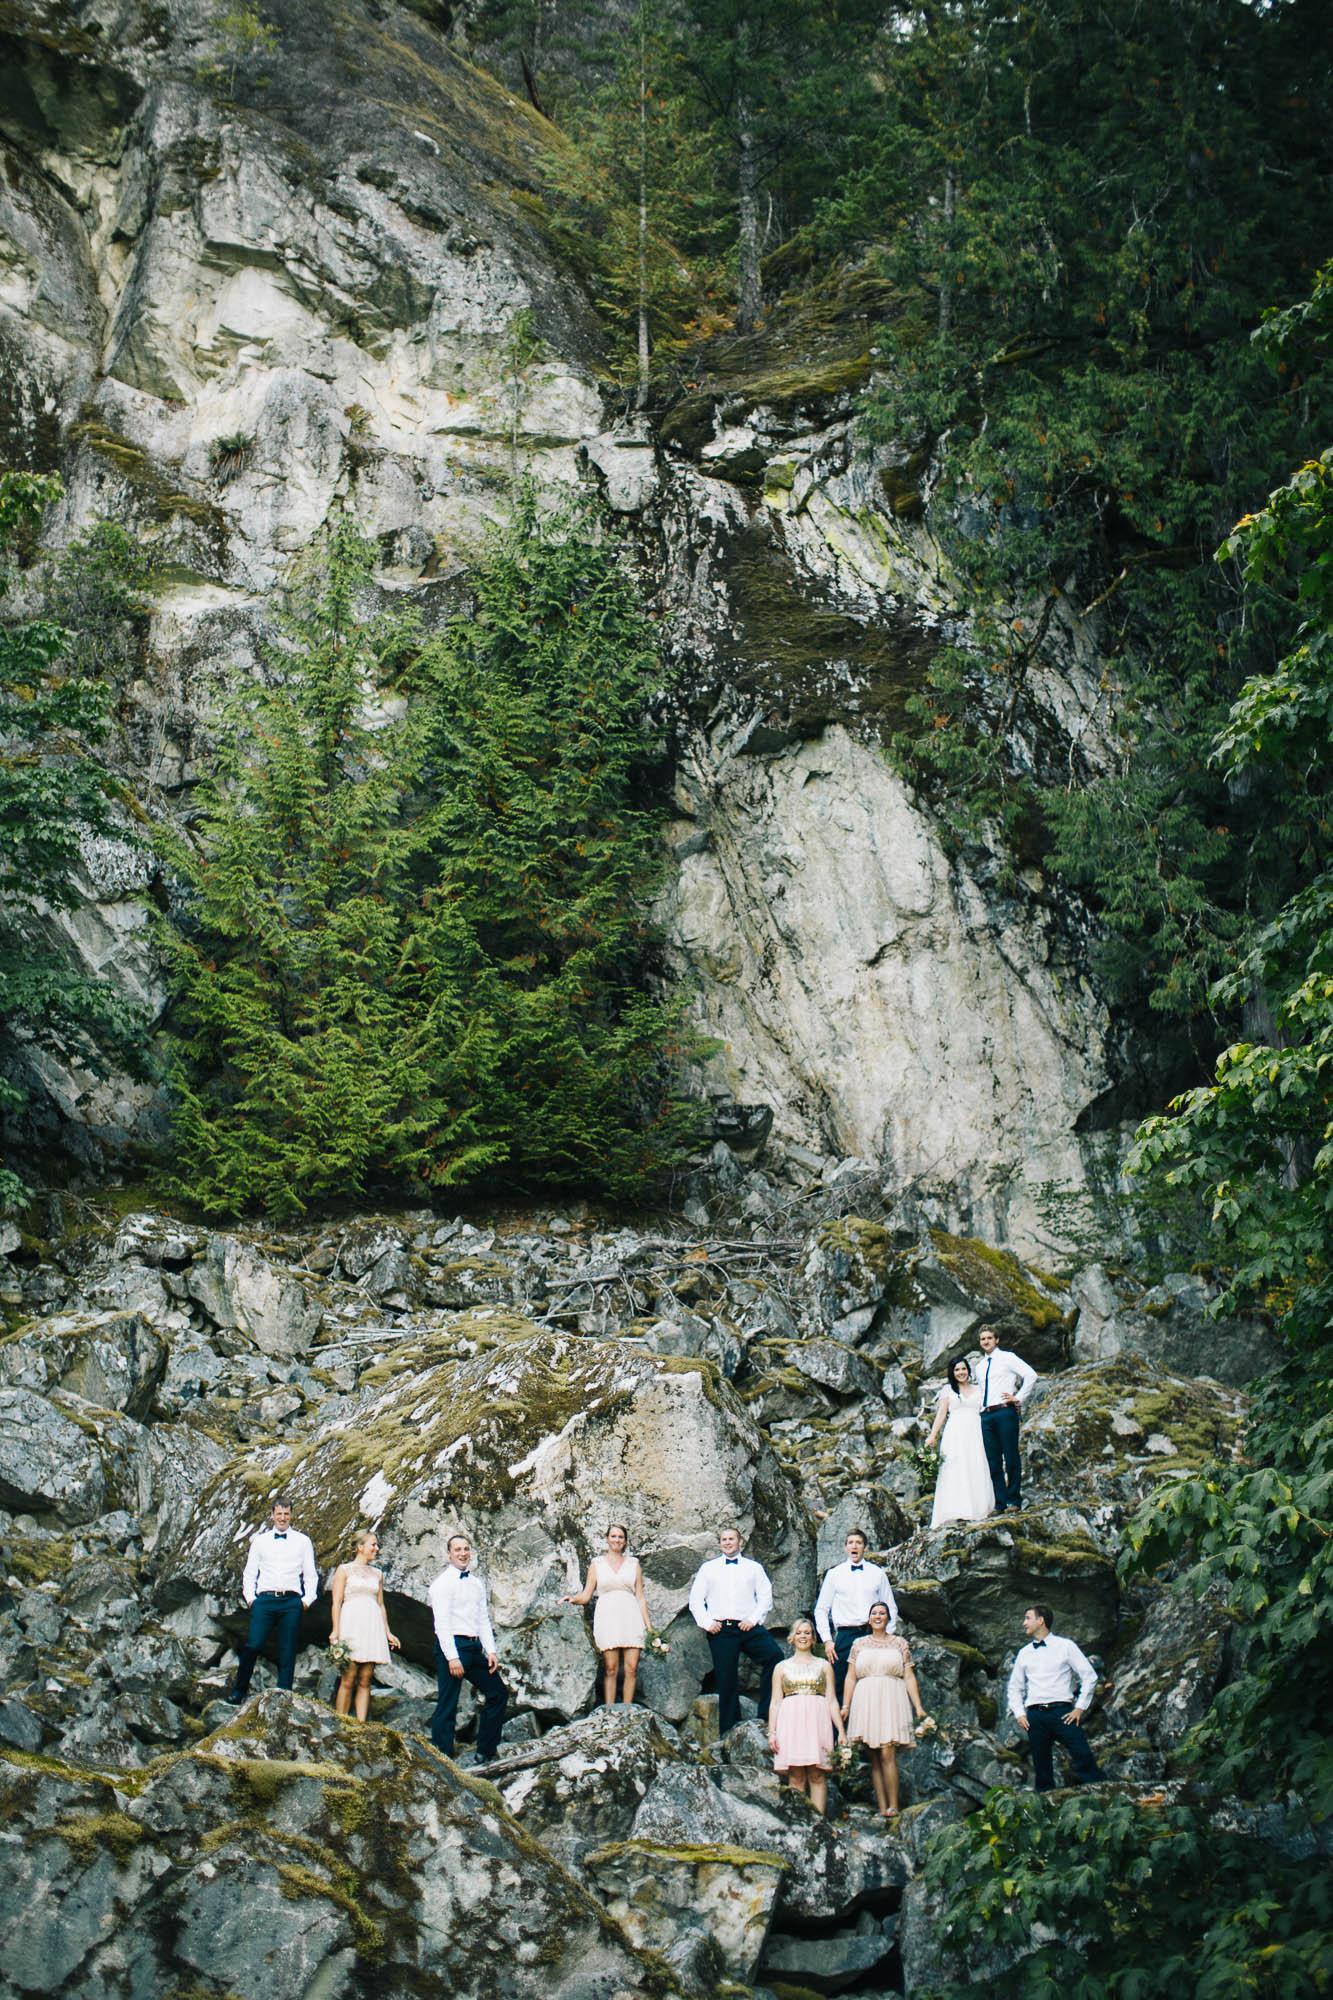 20140920_wedding_best_squamish_evanslake_photographer_photography_squamish__233.jpg